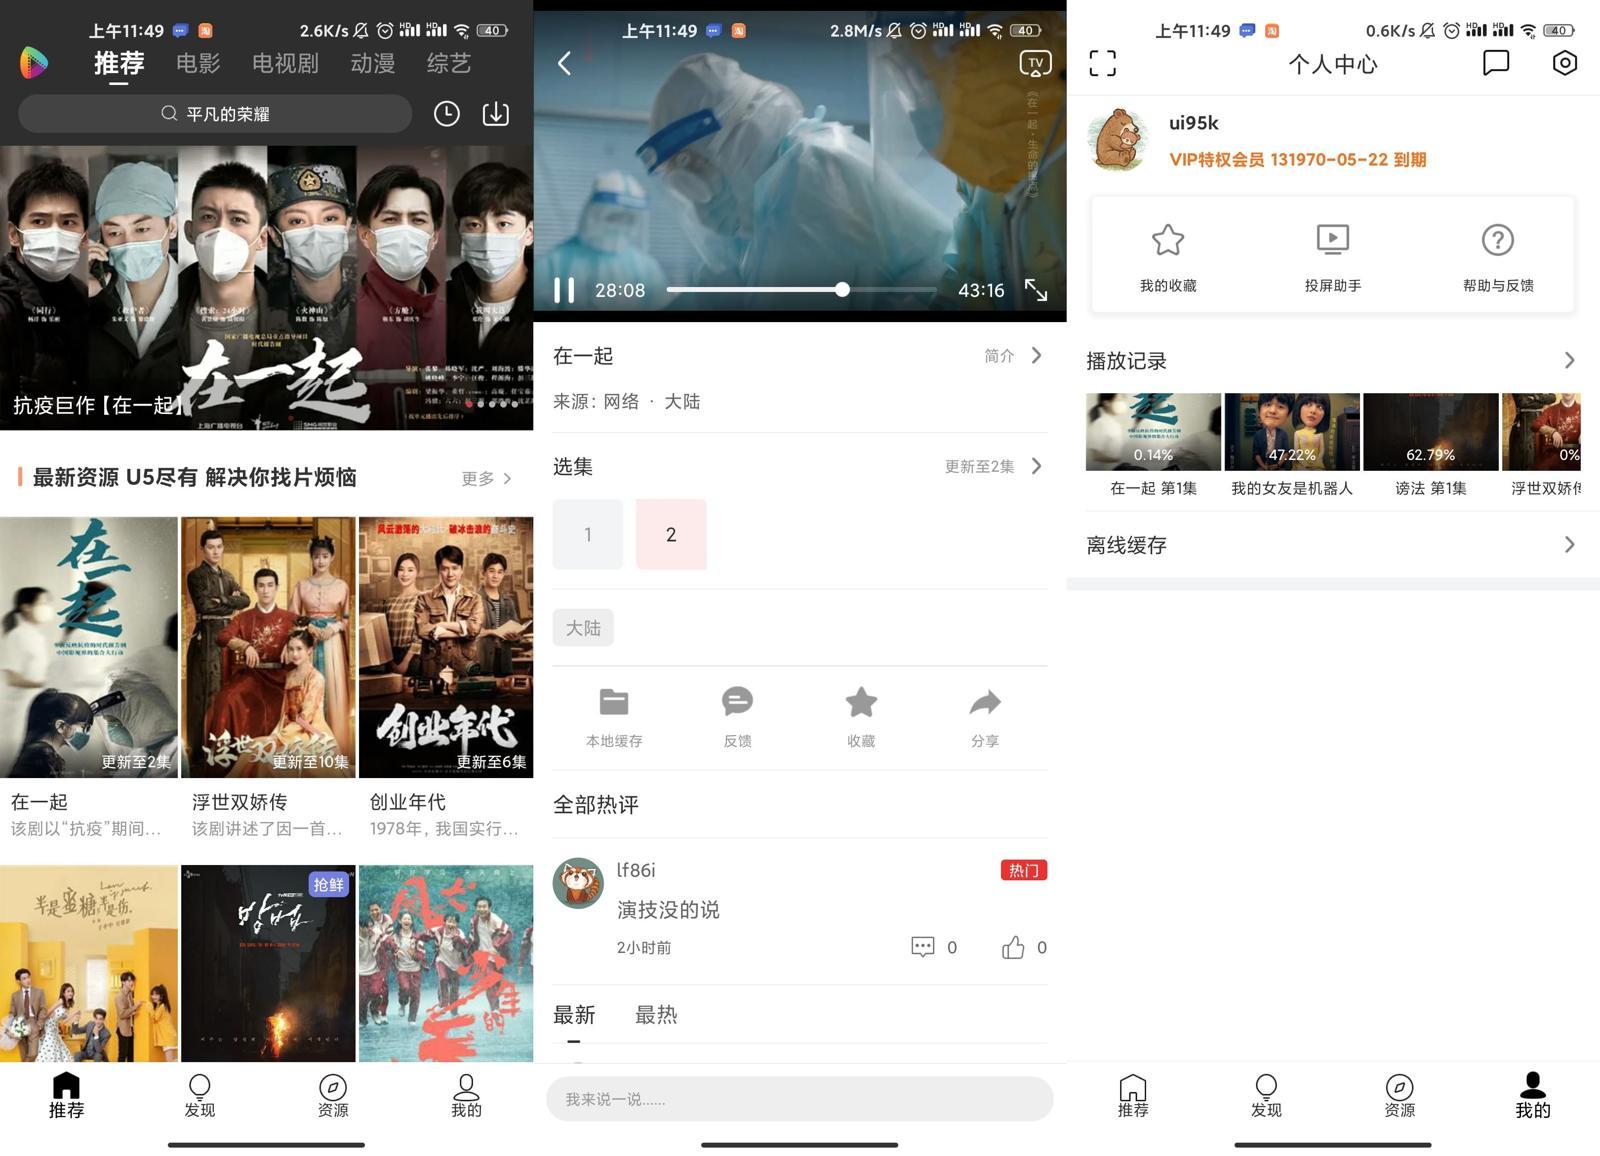 安卓U5影视v1.1.0去广告版